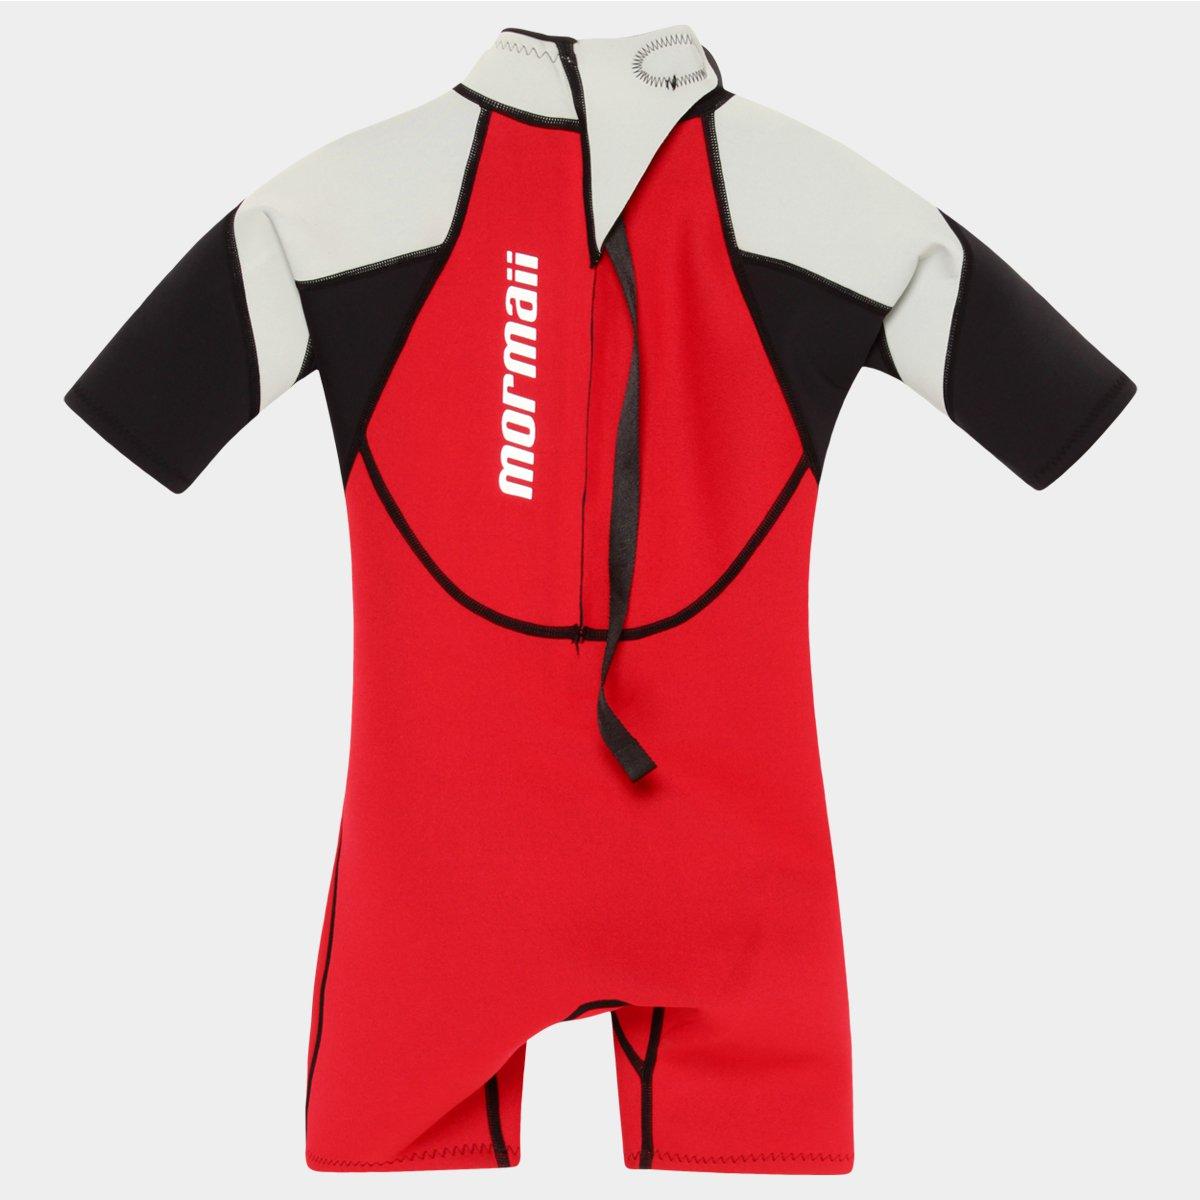 Short John Infantil Mormaii Neoprene Gromm 1 1.5 mm - Vermelho e ... c12fdb9eed